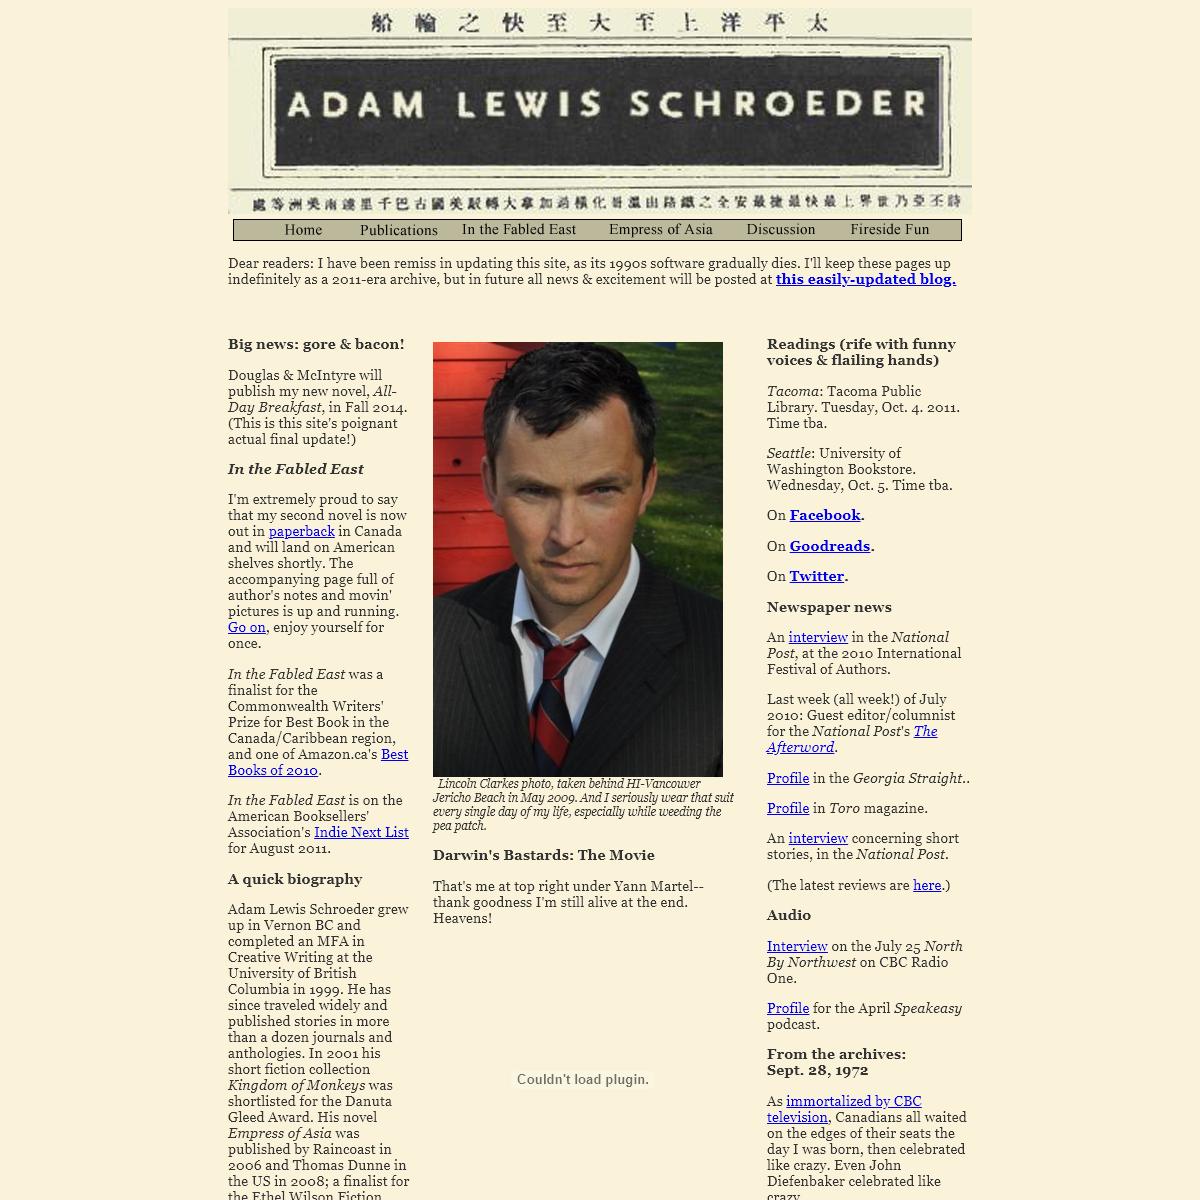 Adam Lewis Schroeder